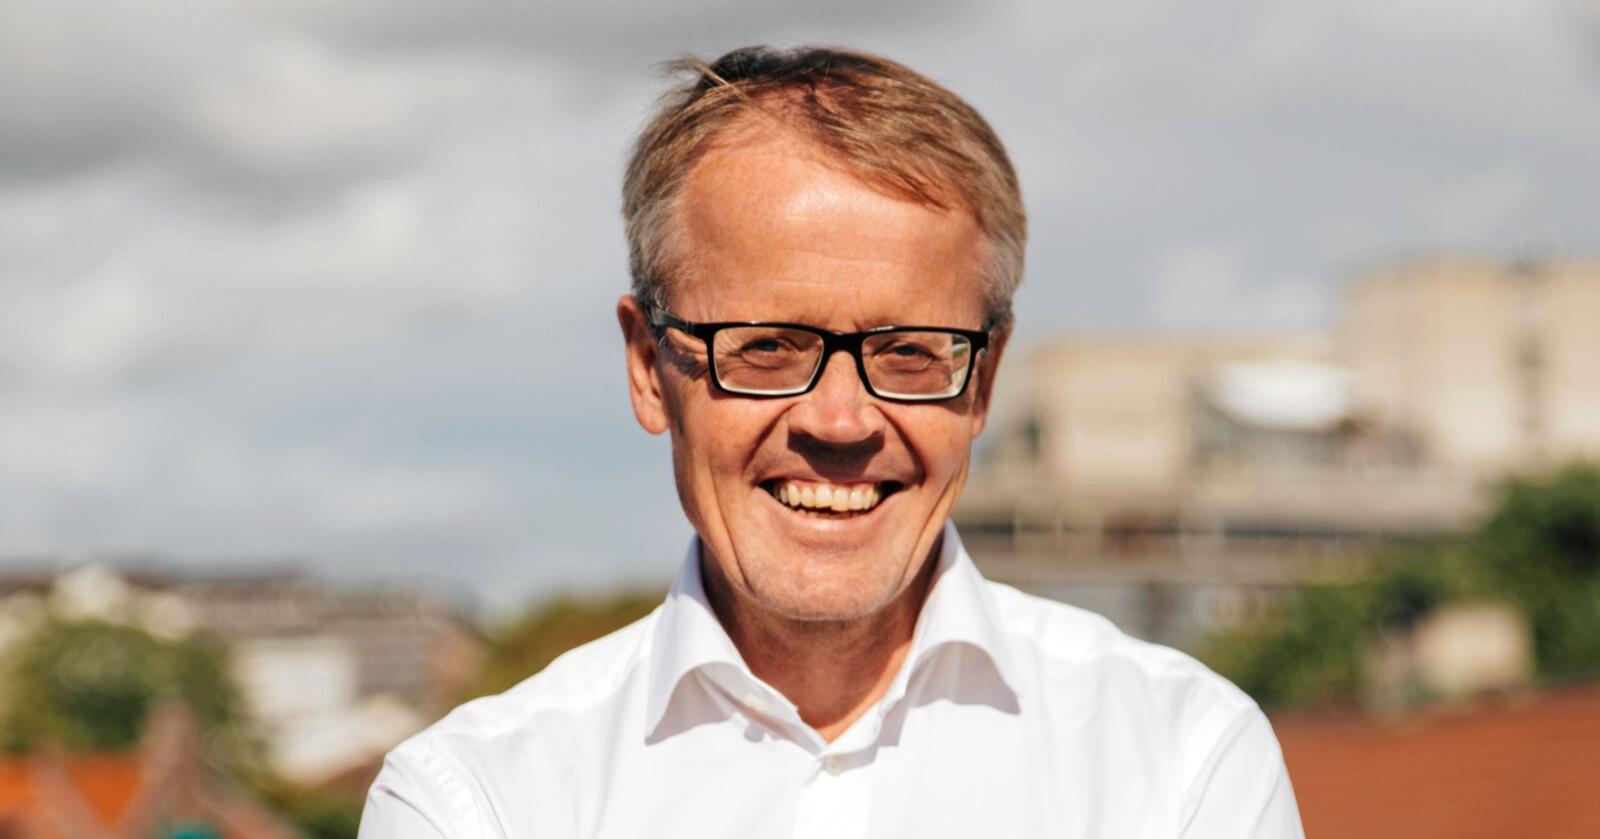 Slår tilbake: Administrerende direktør Ola Hedstein i Norsk Landbrukssamvirke. Foto: Norsk Landbrukssamvirke